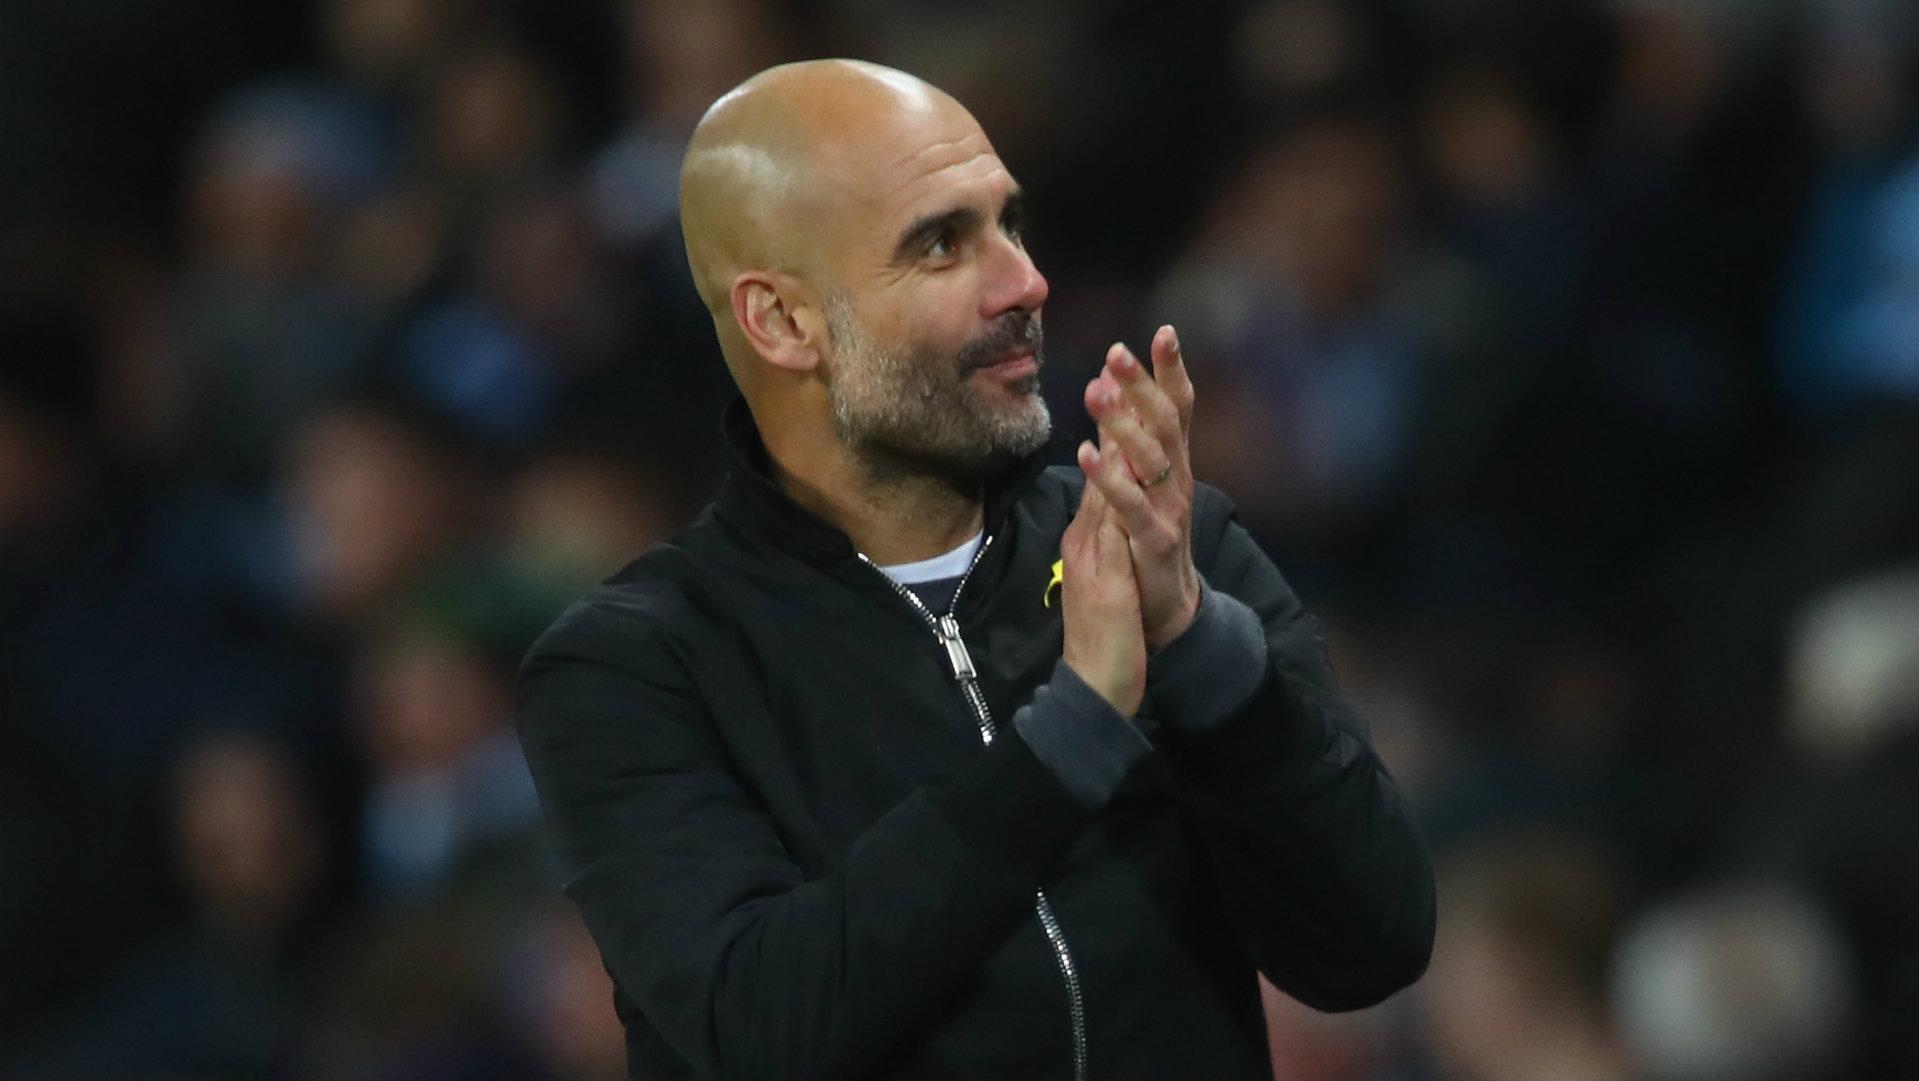 Pep Guardiola, Manchester City vs West Ham, 17/18